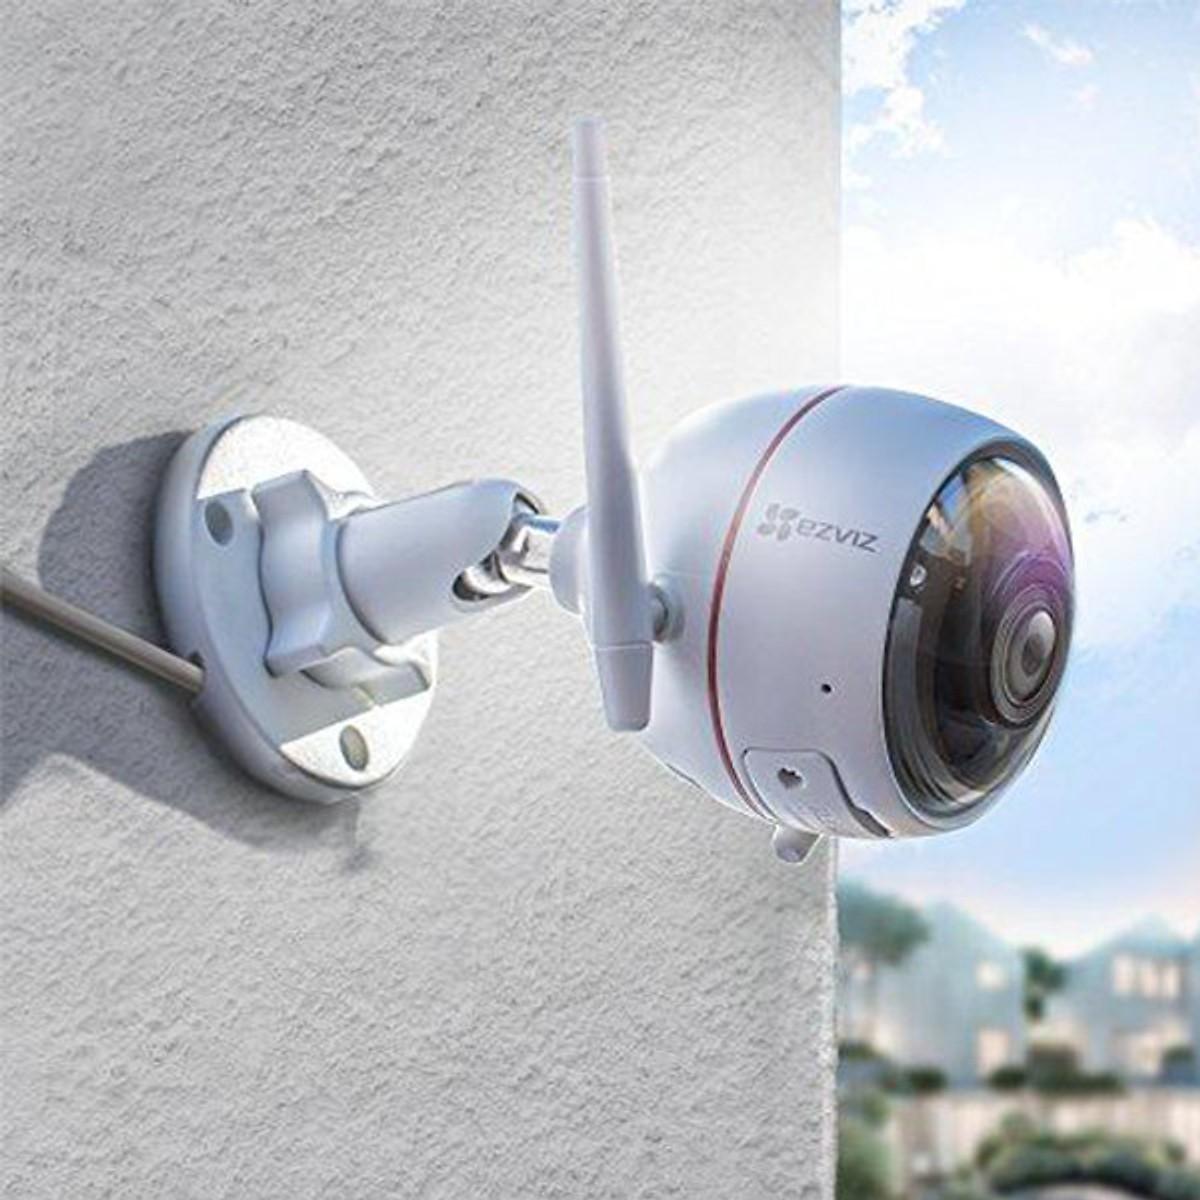 Camera IP WiFi Ezviz C3W 1080p (CS-CV310) Ngoài Trời - Hàng Chính Hãng